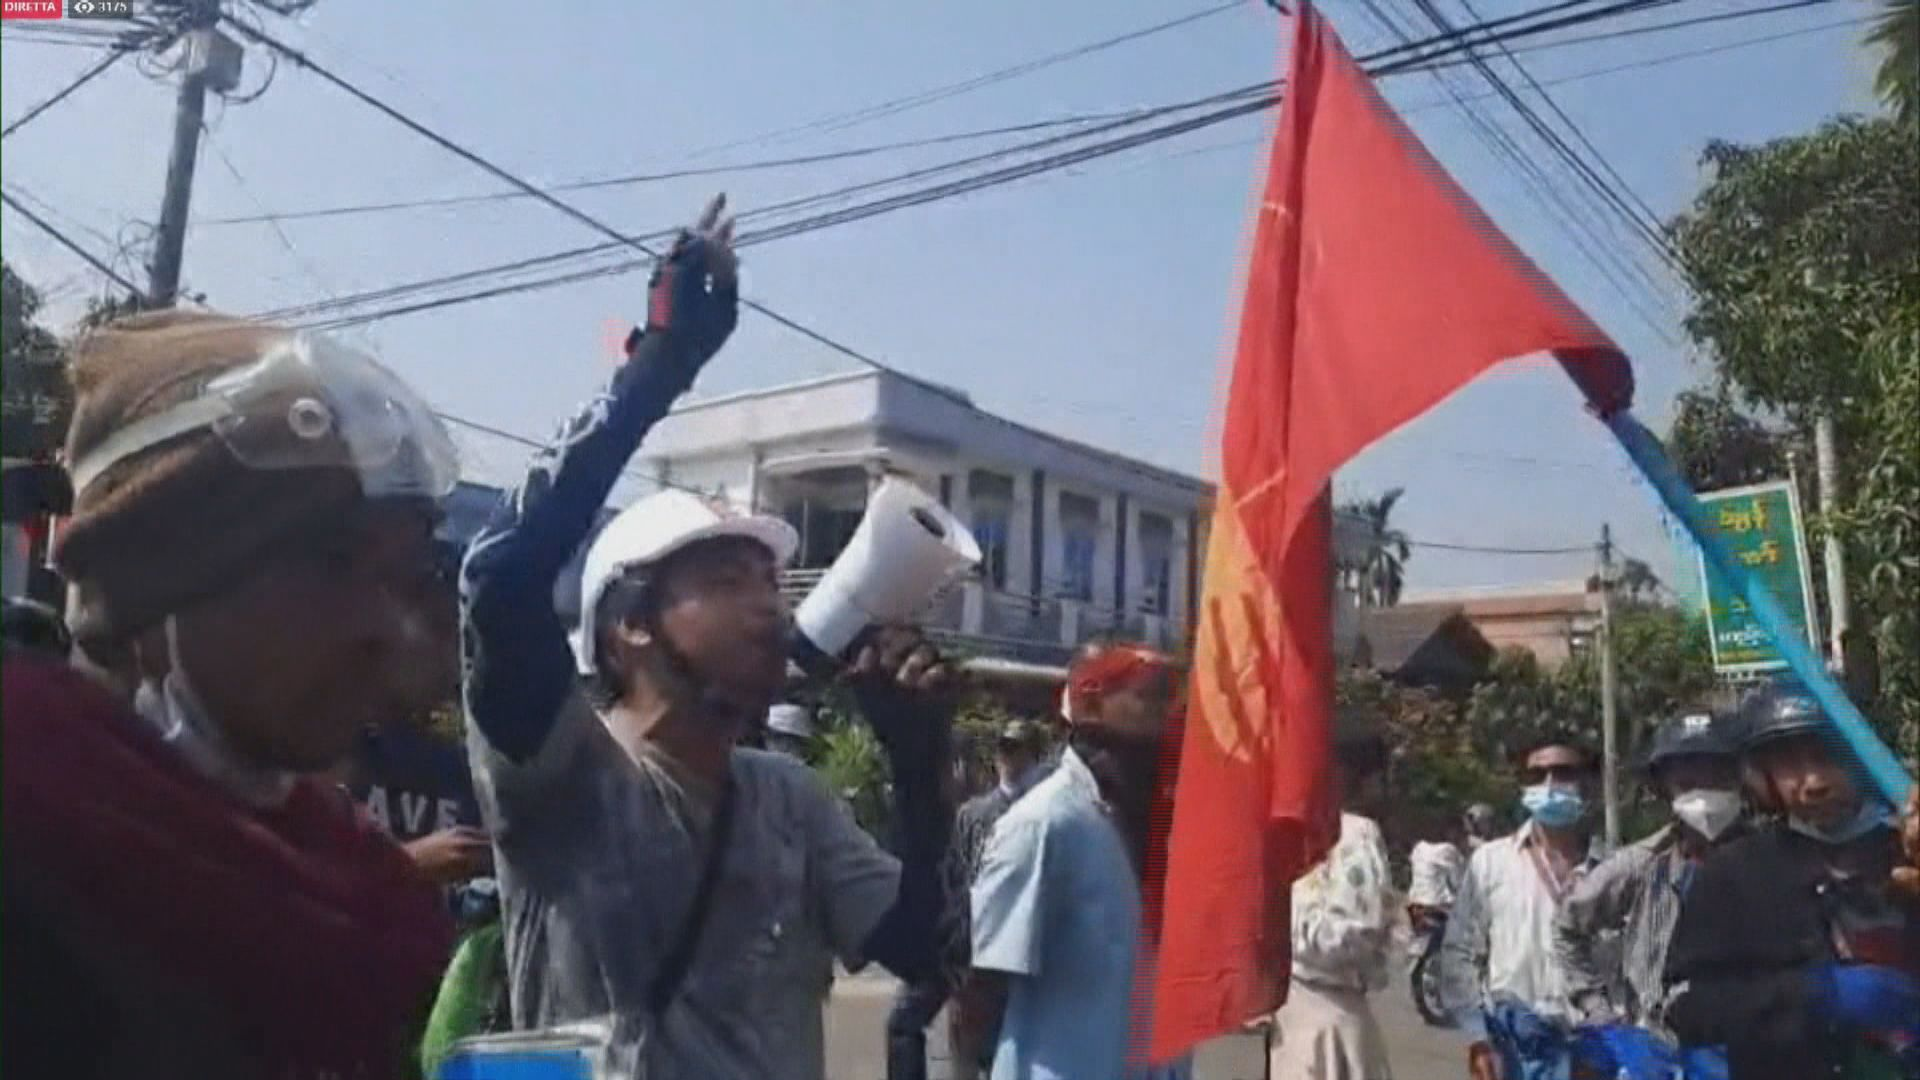 緬甸反軍事政變示威持續 中央銀行限制現金提取金額